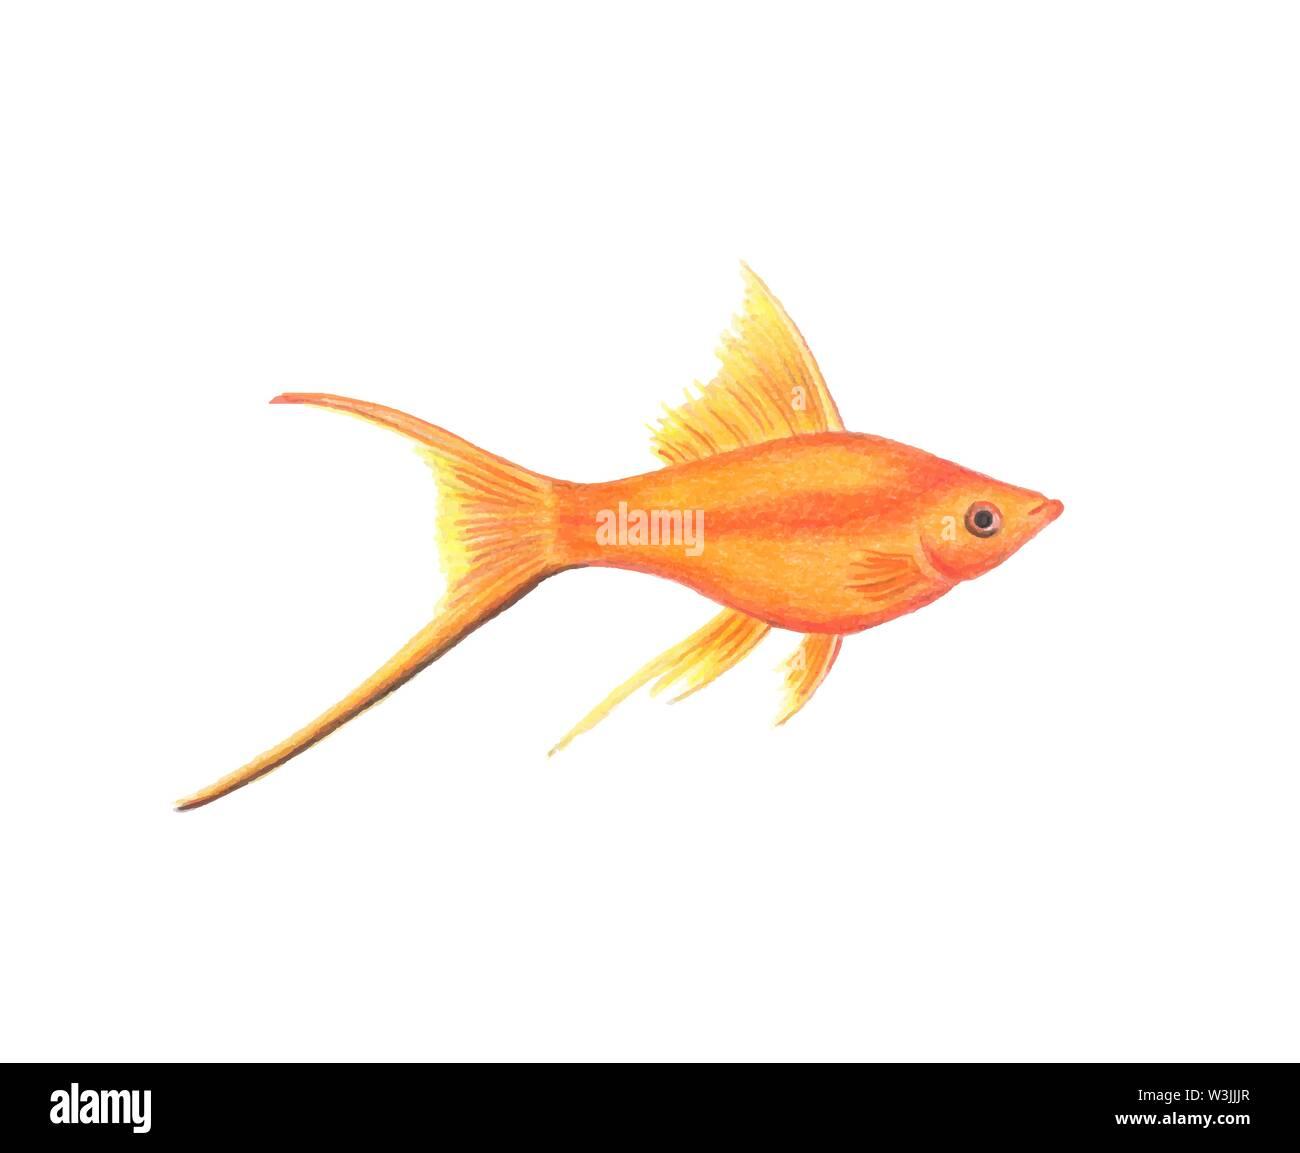 Zoological Illustration Stock Photos & Zoological